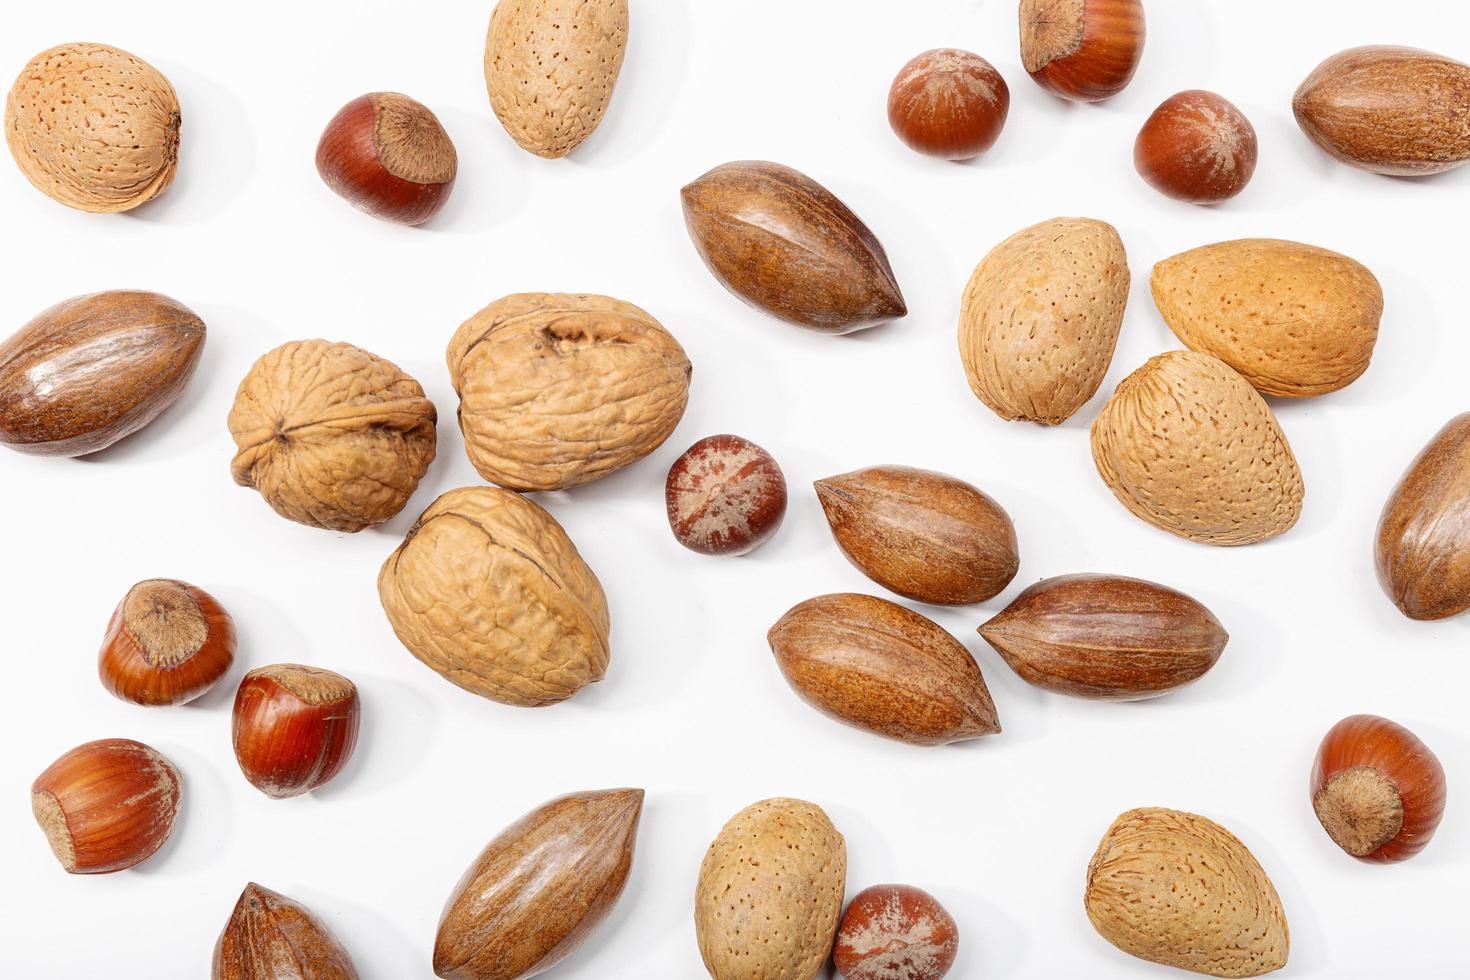 Una variedad de frutos secos sobre un fondo blanco. foto